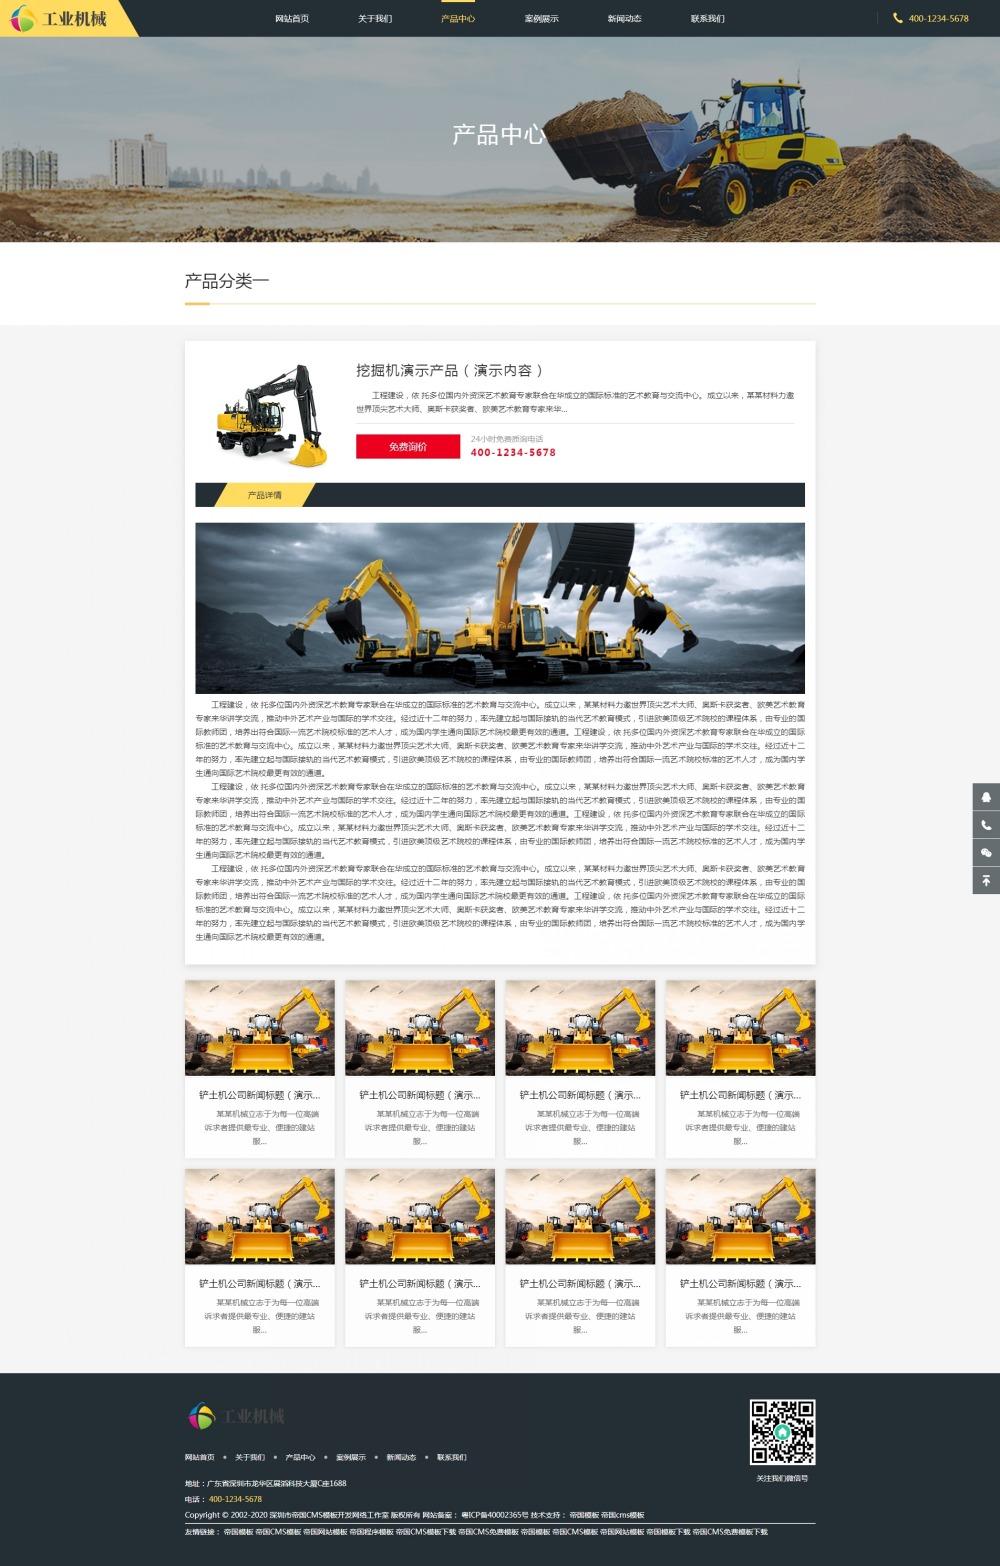 7产品详情页.jpg [DG-0177]帝国cms响应式推土机挖掘机机械类网站模板,HTML自适应大型工矿机械设备帝国网站源码 企业模板 第7张